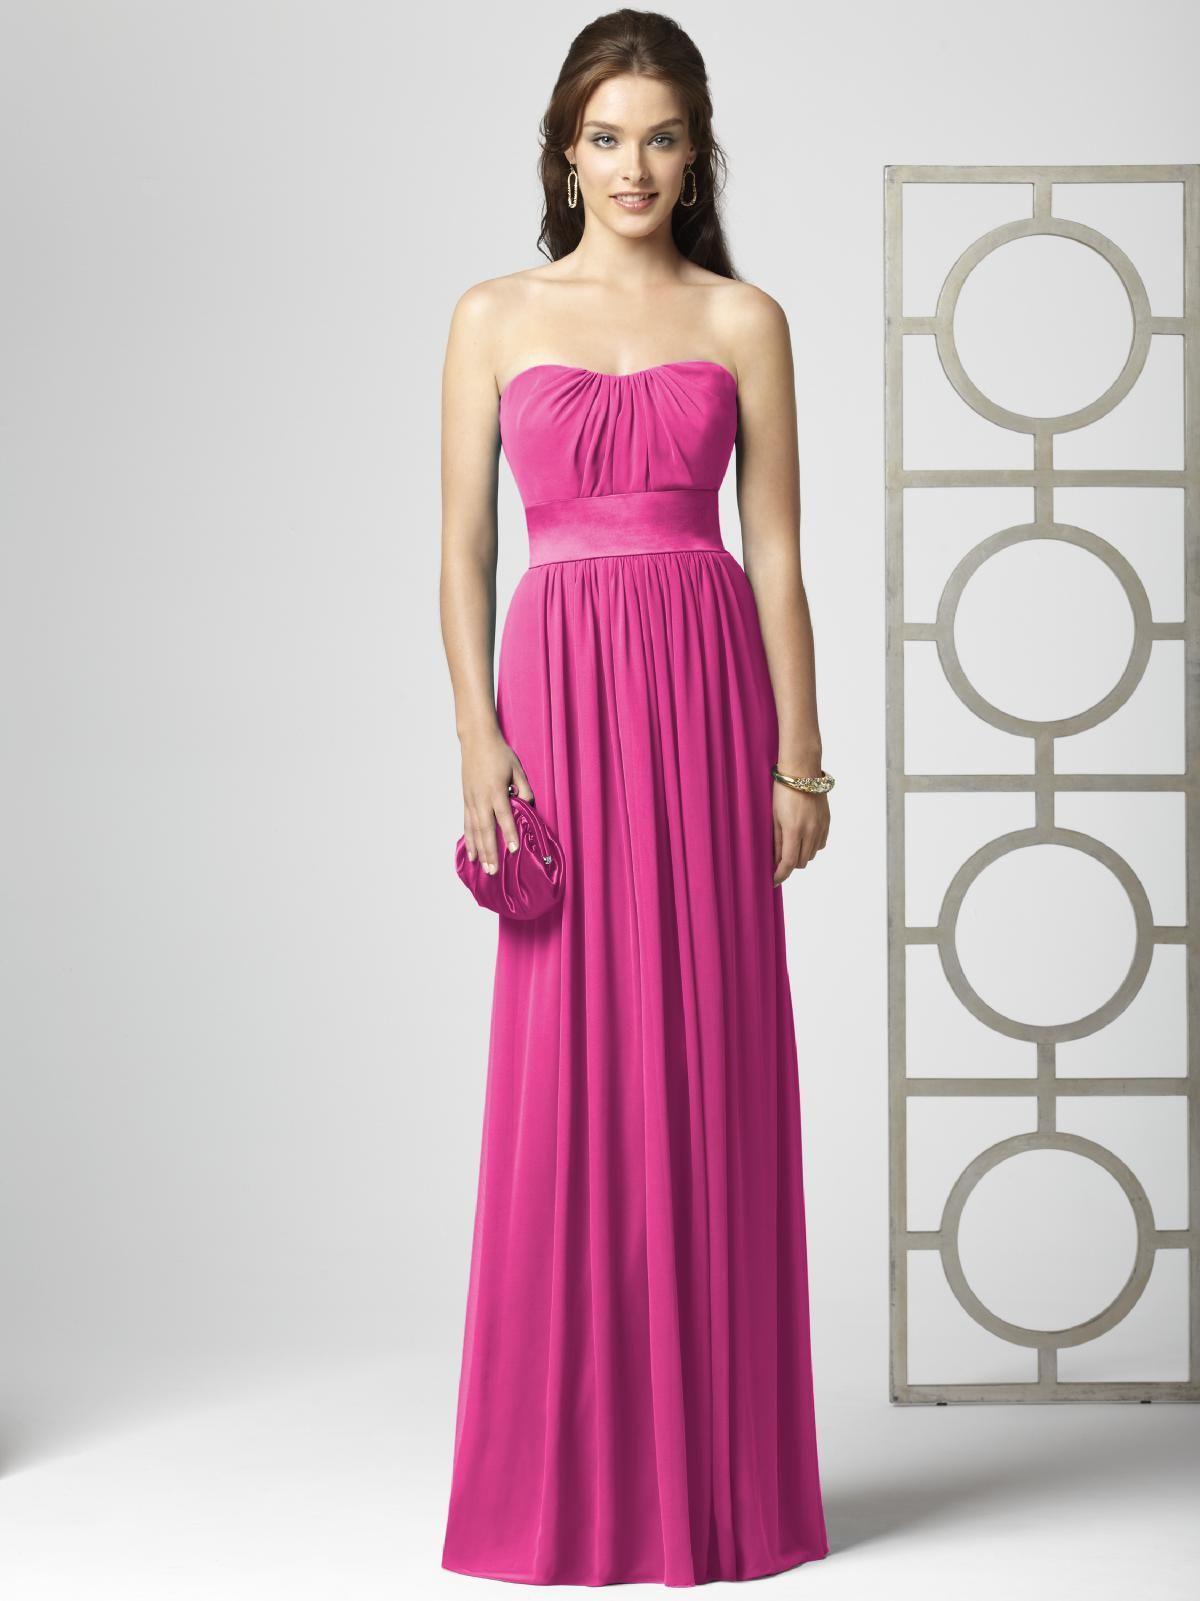 ADORABLR:)   clothes :3   Pinterest   Ropa elegante, Elegante y Ropa